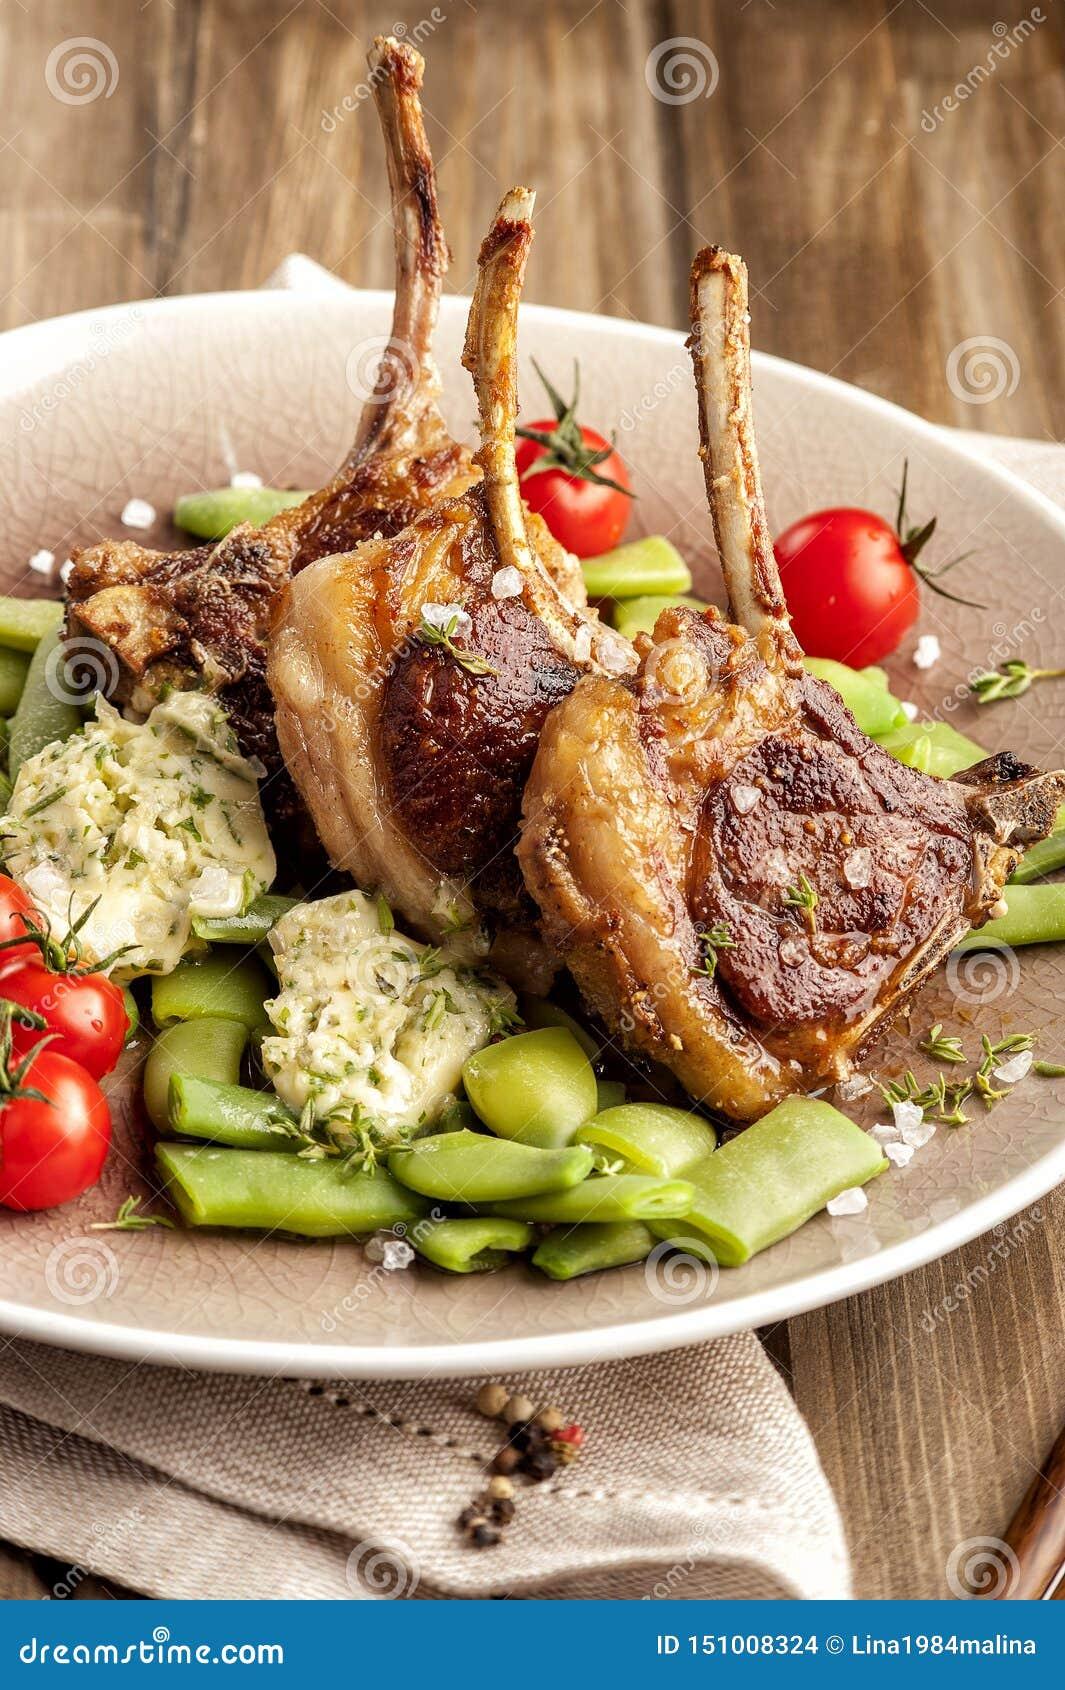 Gegrillte Lammhiebe mit einer Garnierung von grünen Bohnen